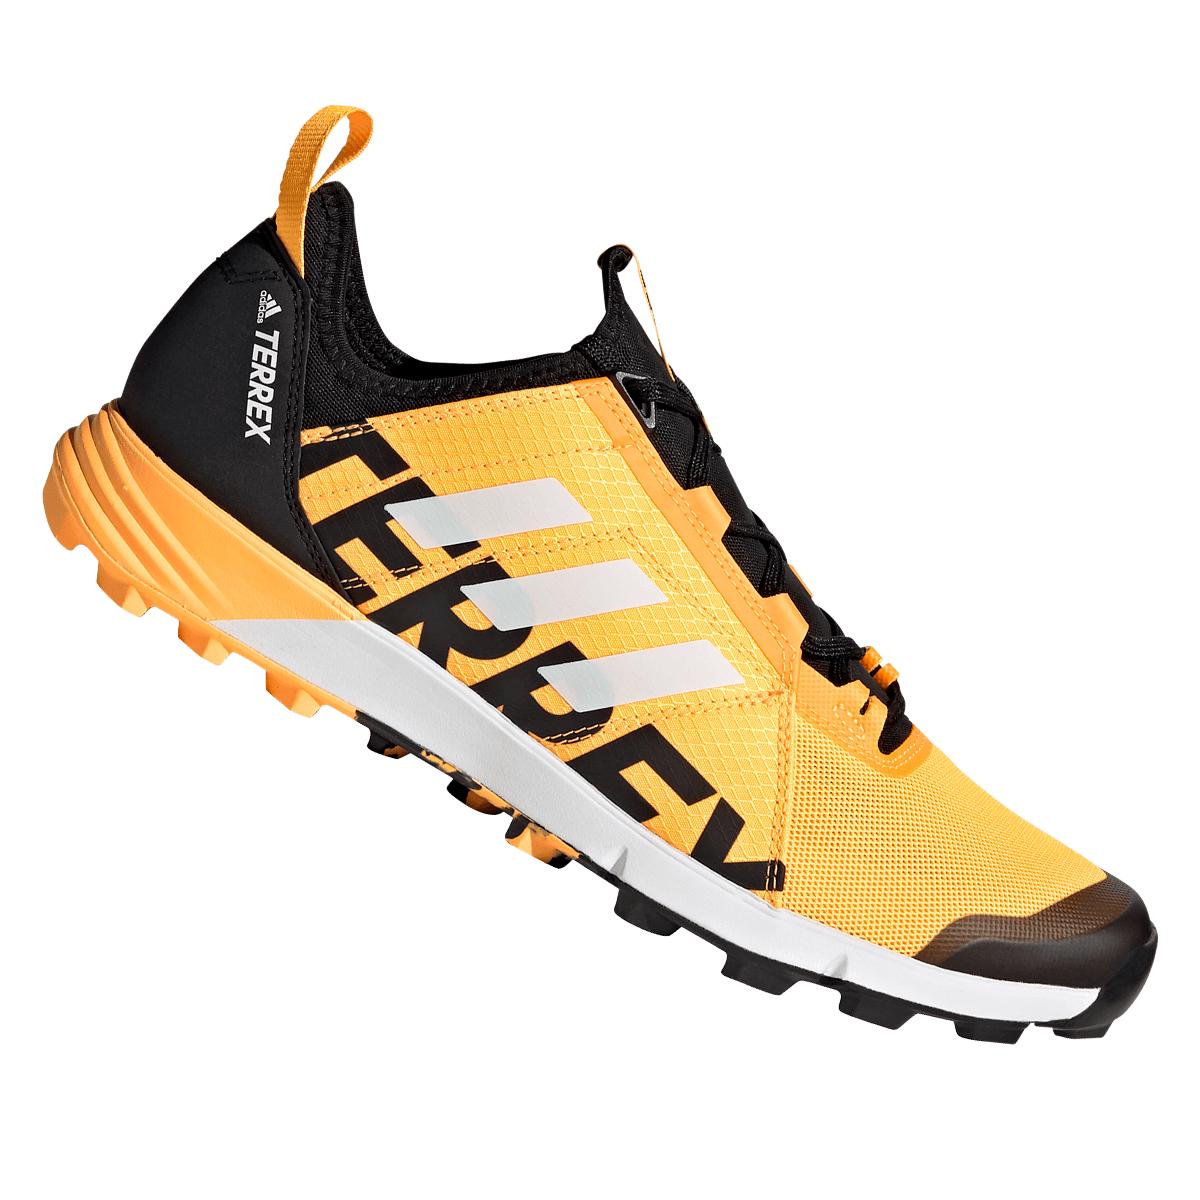 adidas Terrex Speed hardloopschoenen oranje/wit